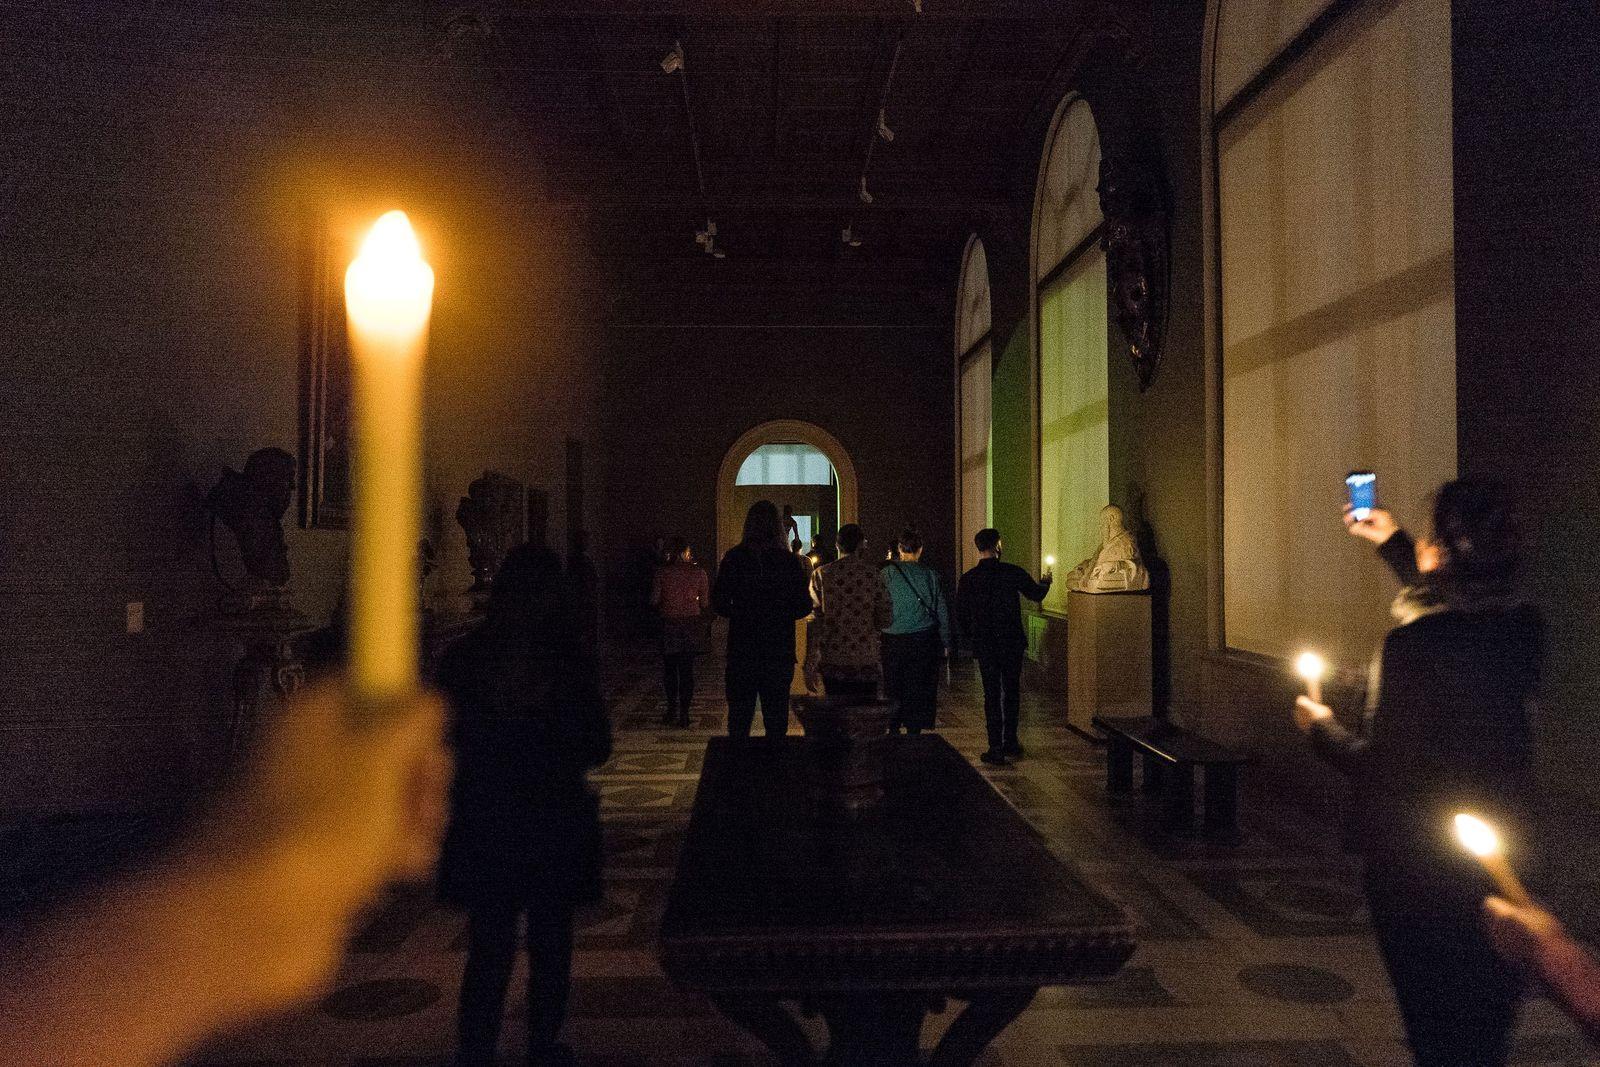 Nachts im Museum ... Foto: Christoph Neumann, www.christoph-neumann.com